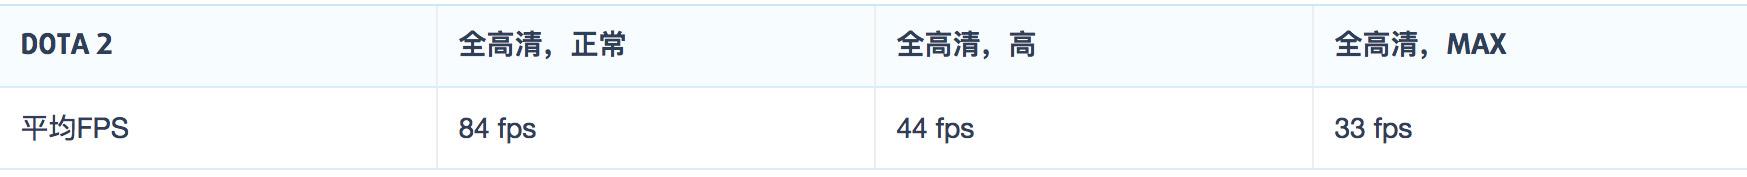 联想 Yoga 730评测